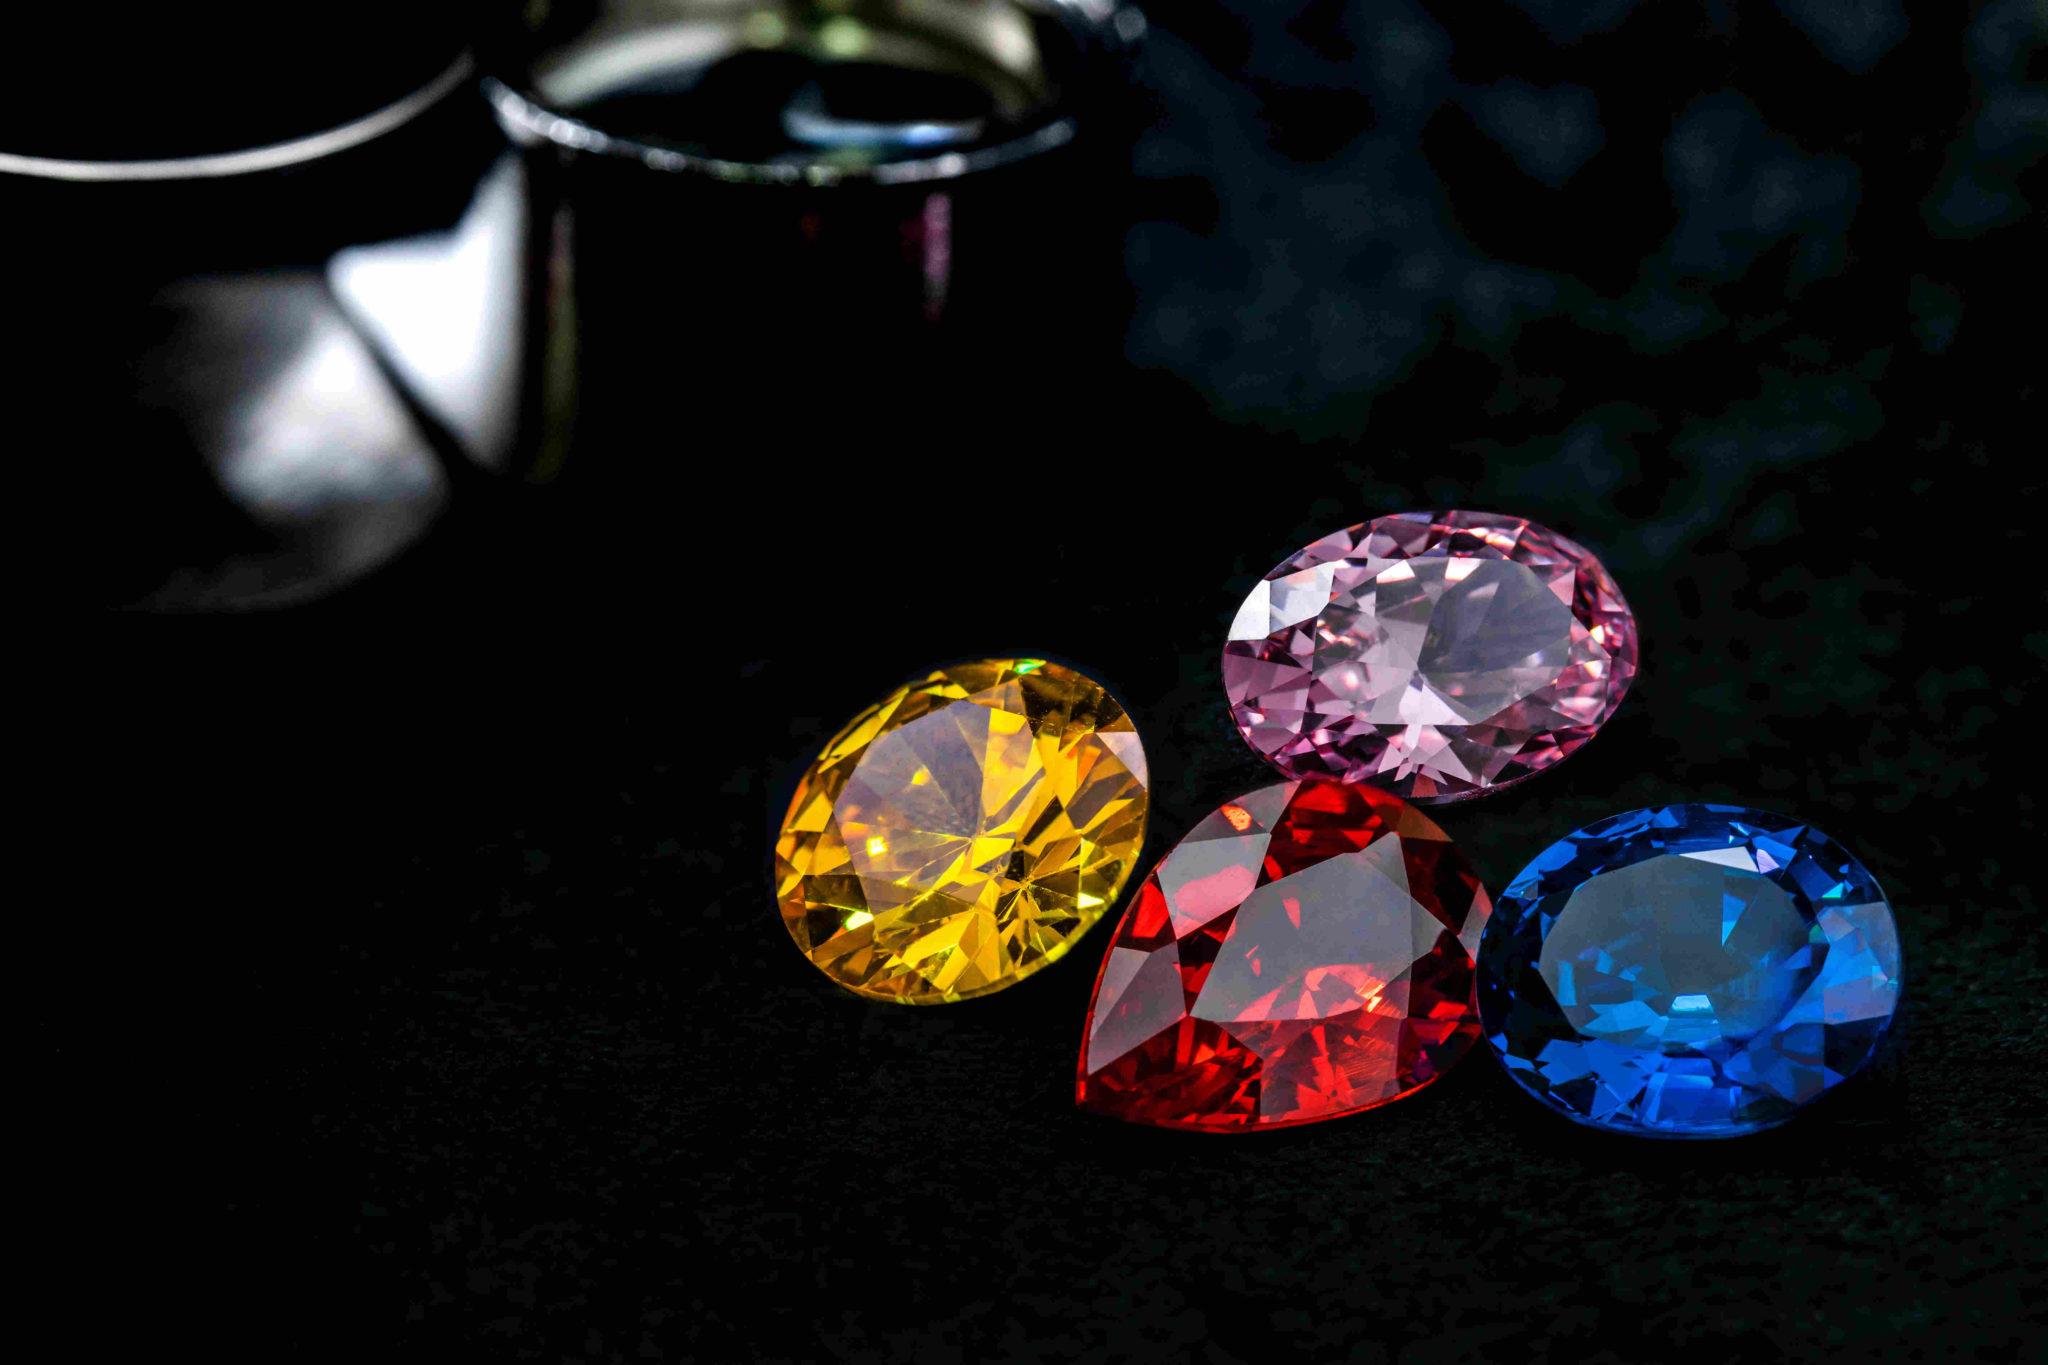 differentes tailles de pierres fines et precieuses